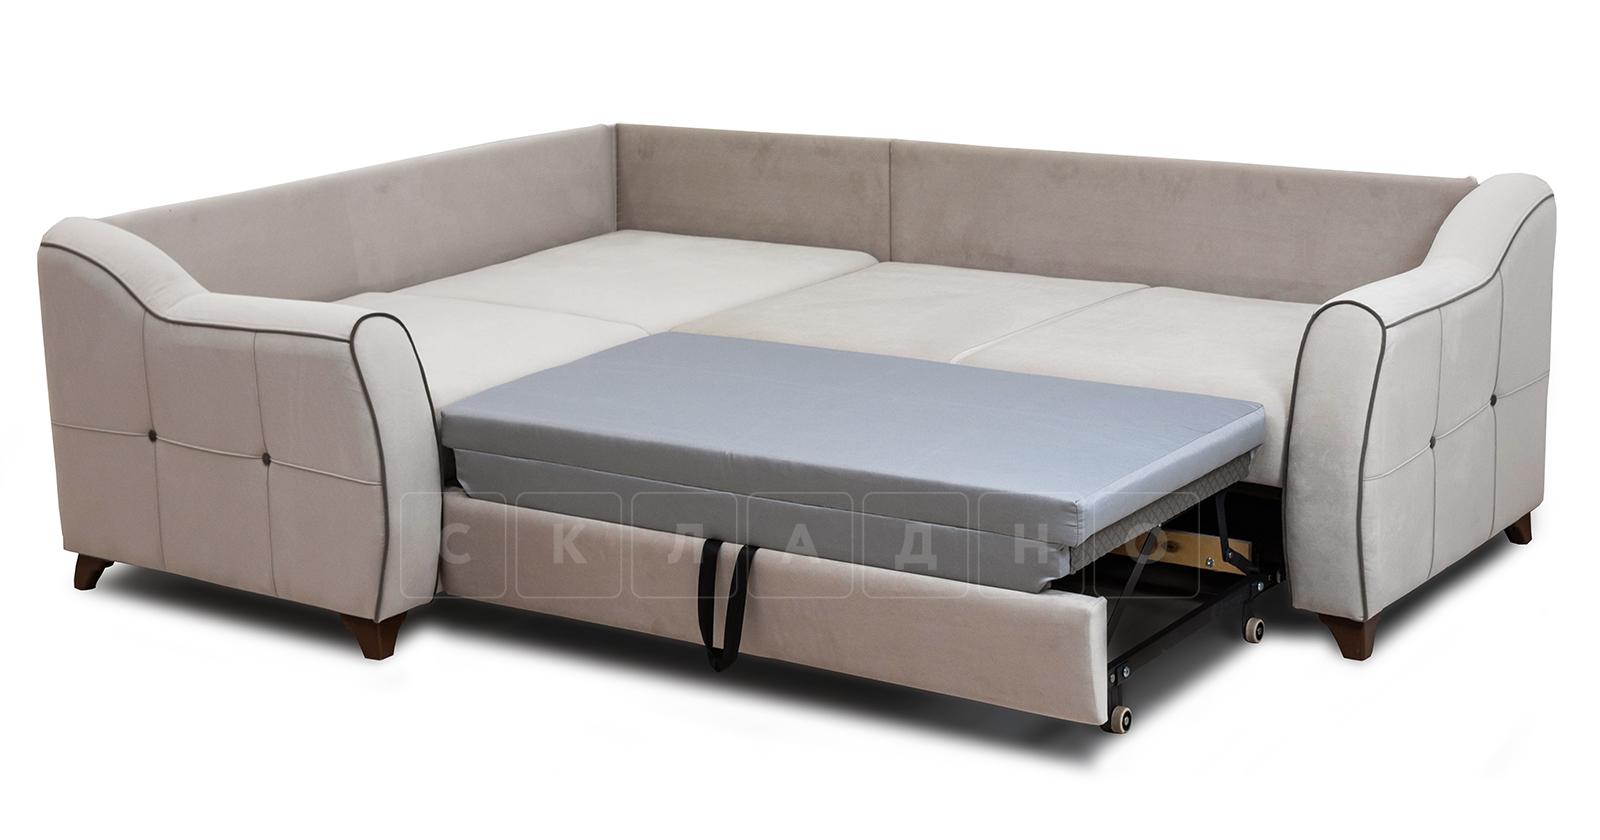 Диван-кровать угловой Флэтфорд серо-бежевый фото 5 | интернет-магазин Складно